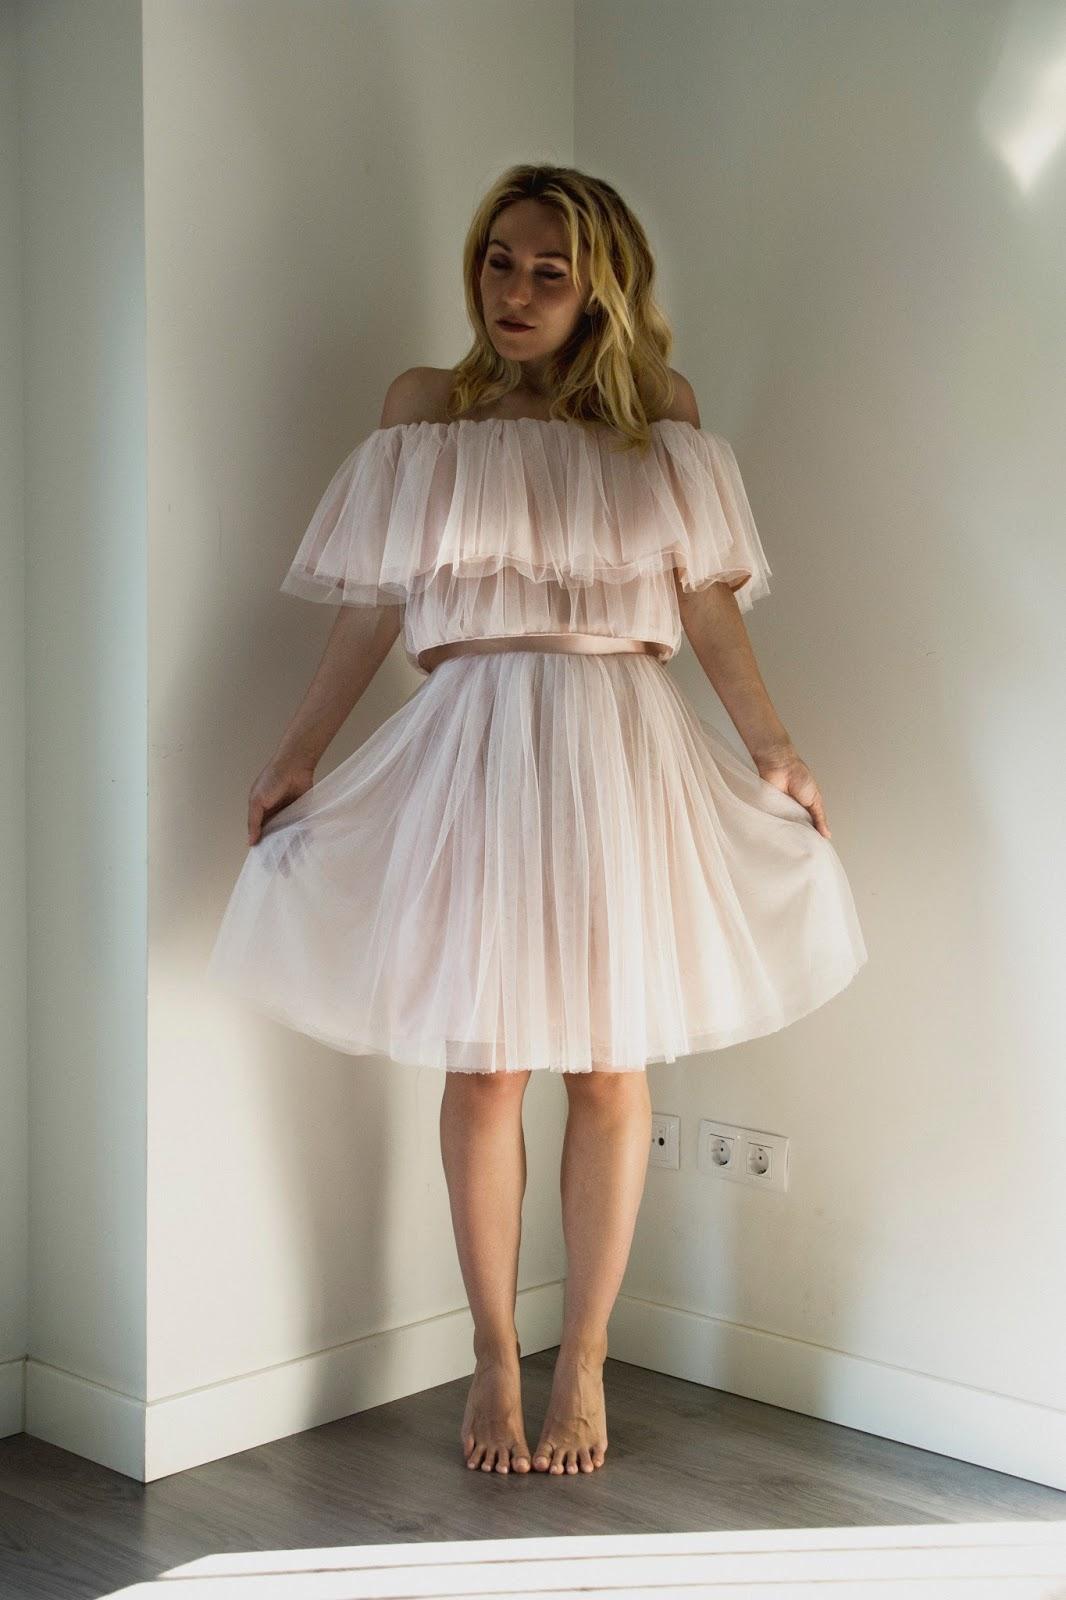 falda de tul con top